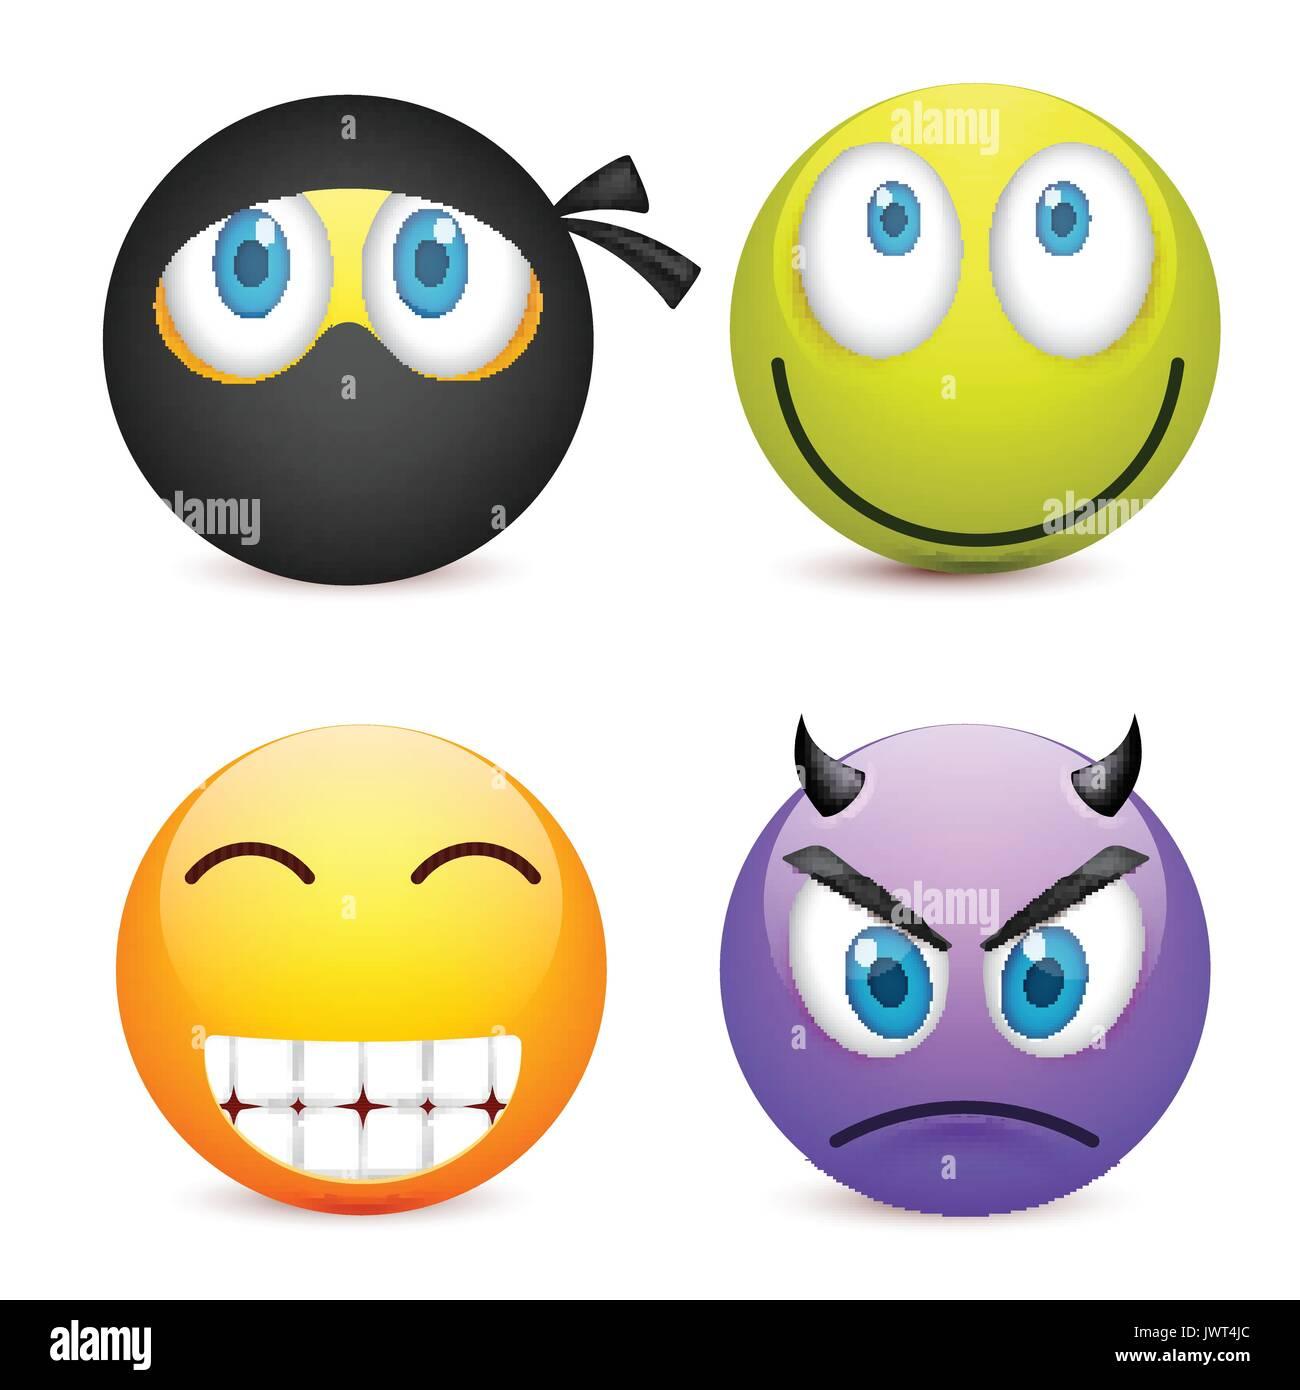 Smiley Con Ojos Azulesjuego De Emoticonos Cara Amarilla Con Las